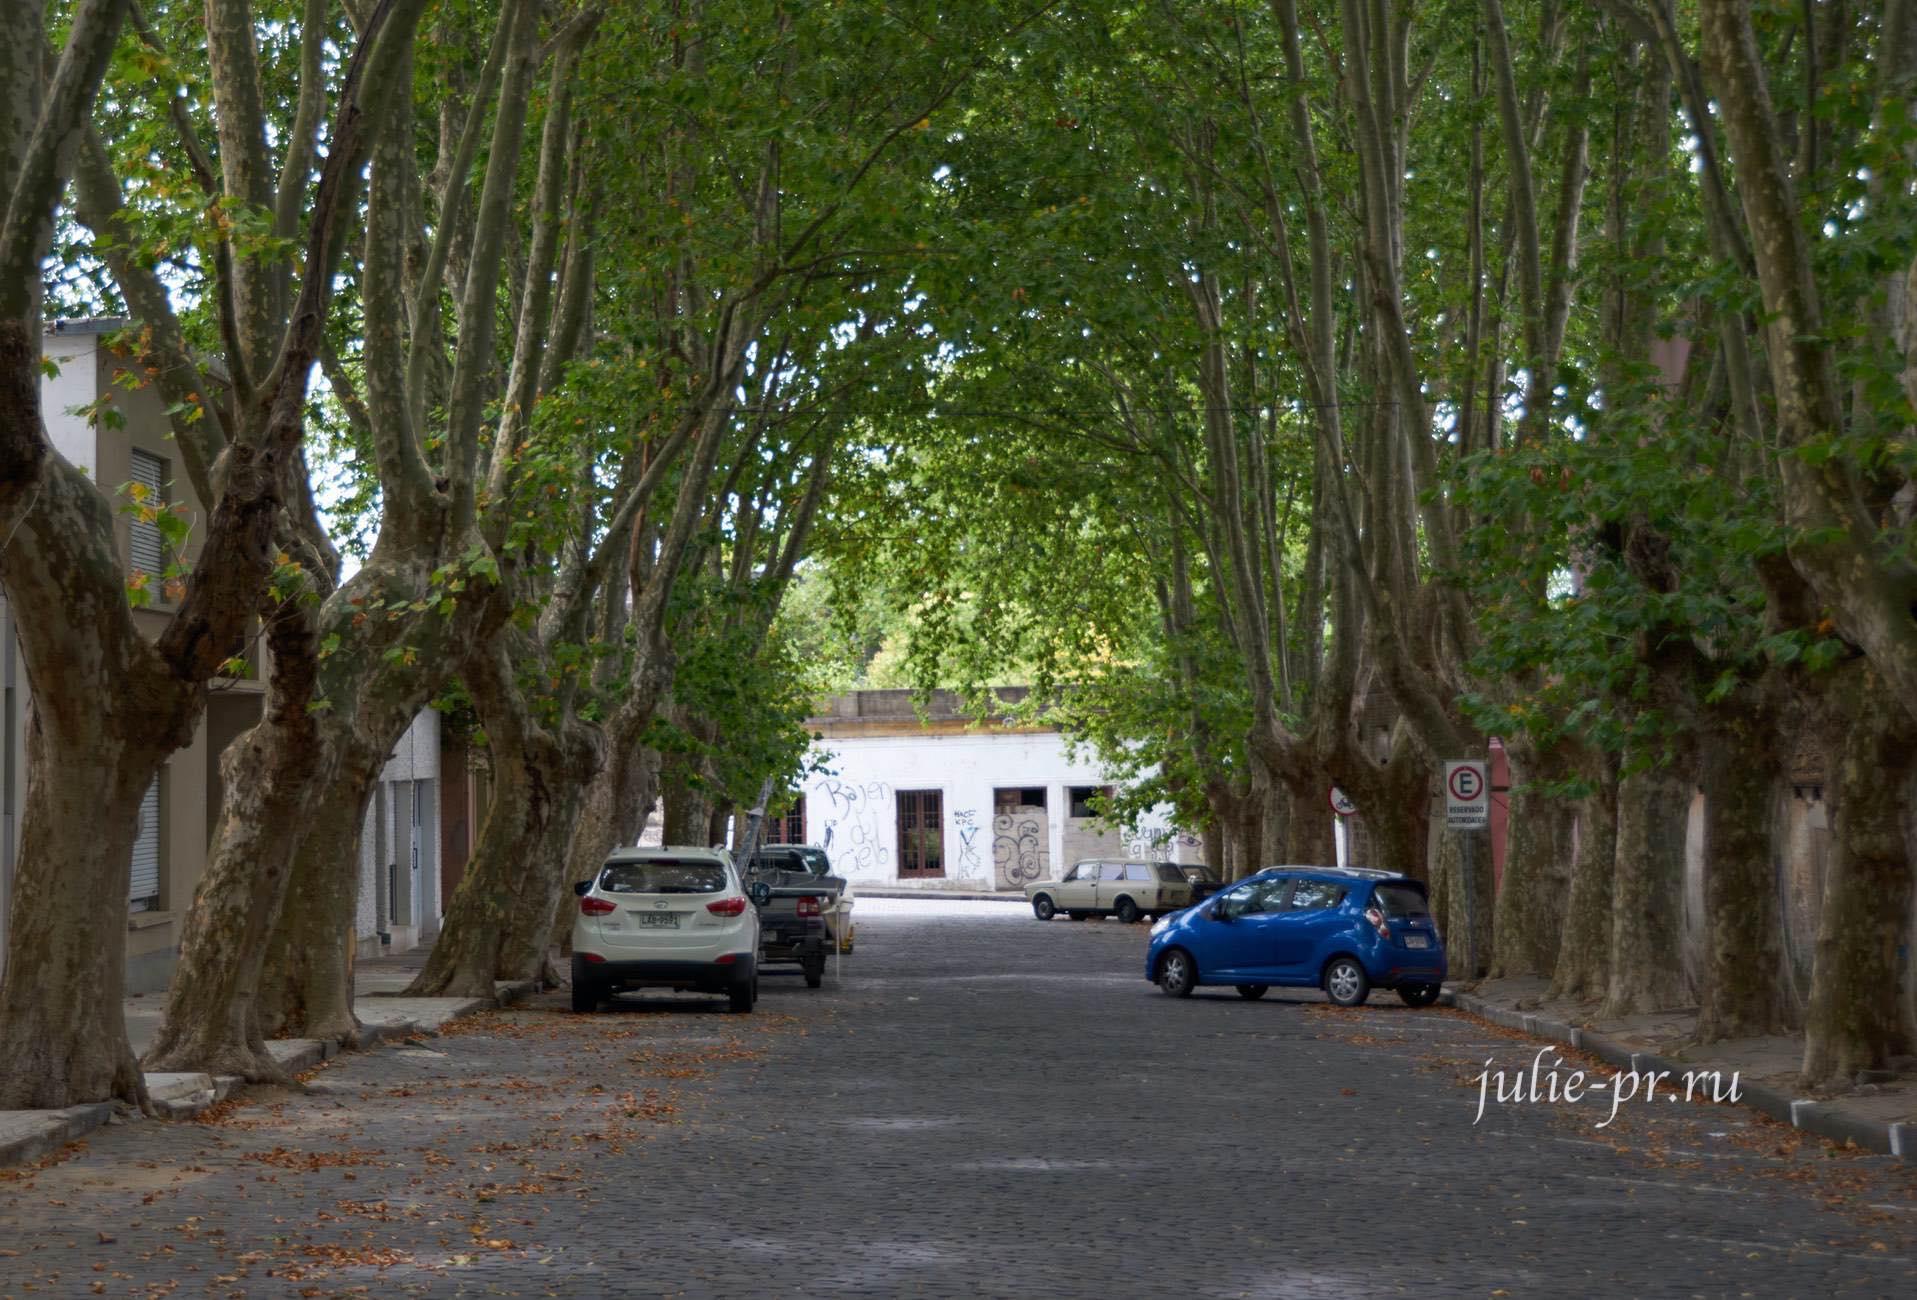 Уругвай, Колония-дель-Сакраменто